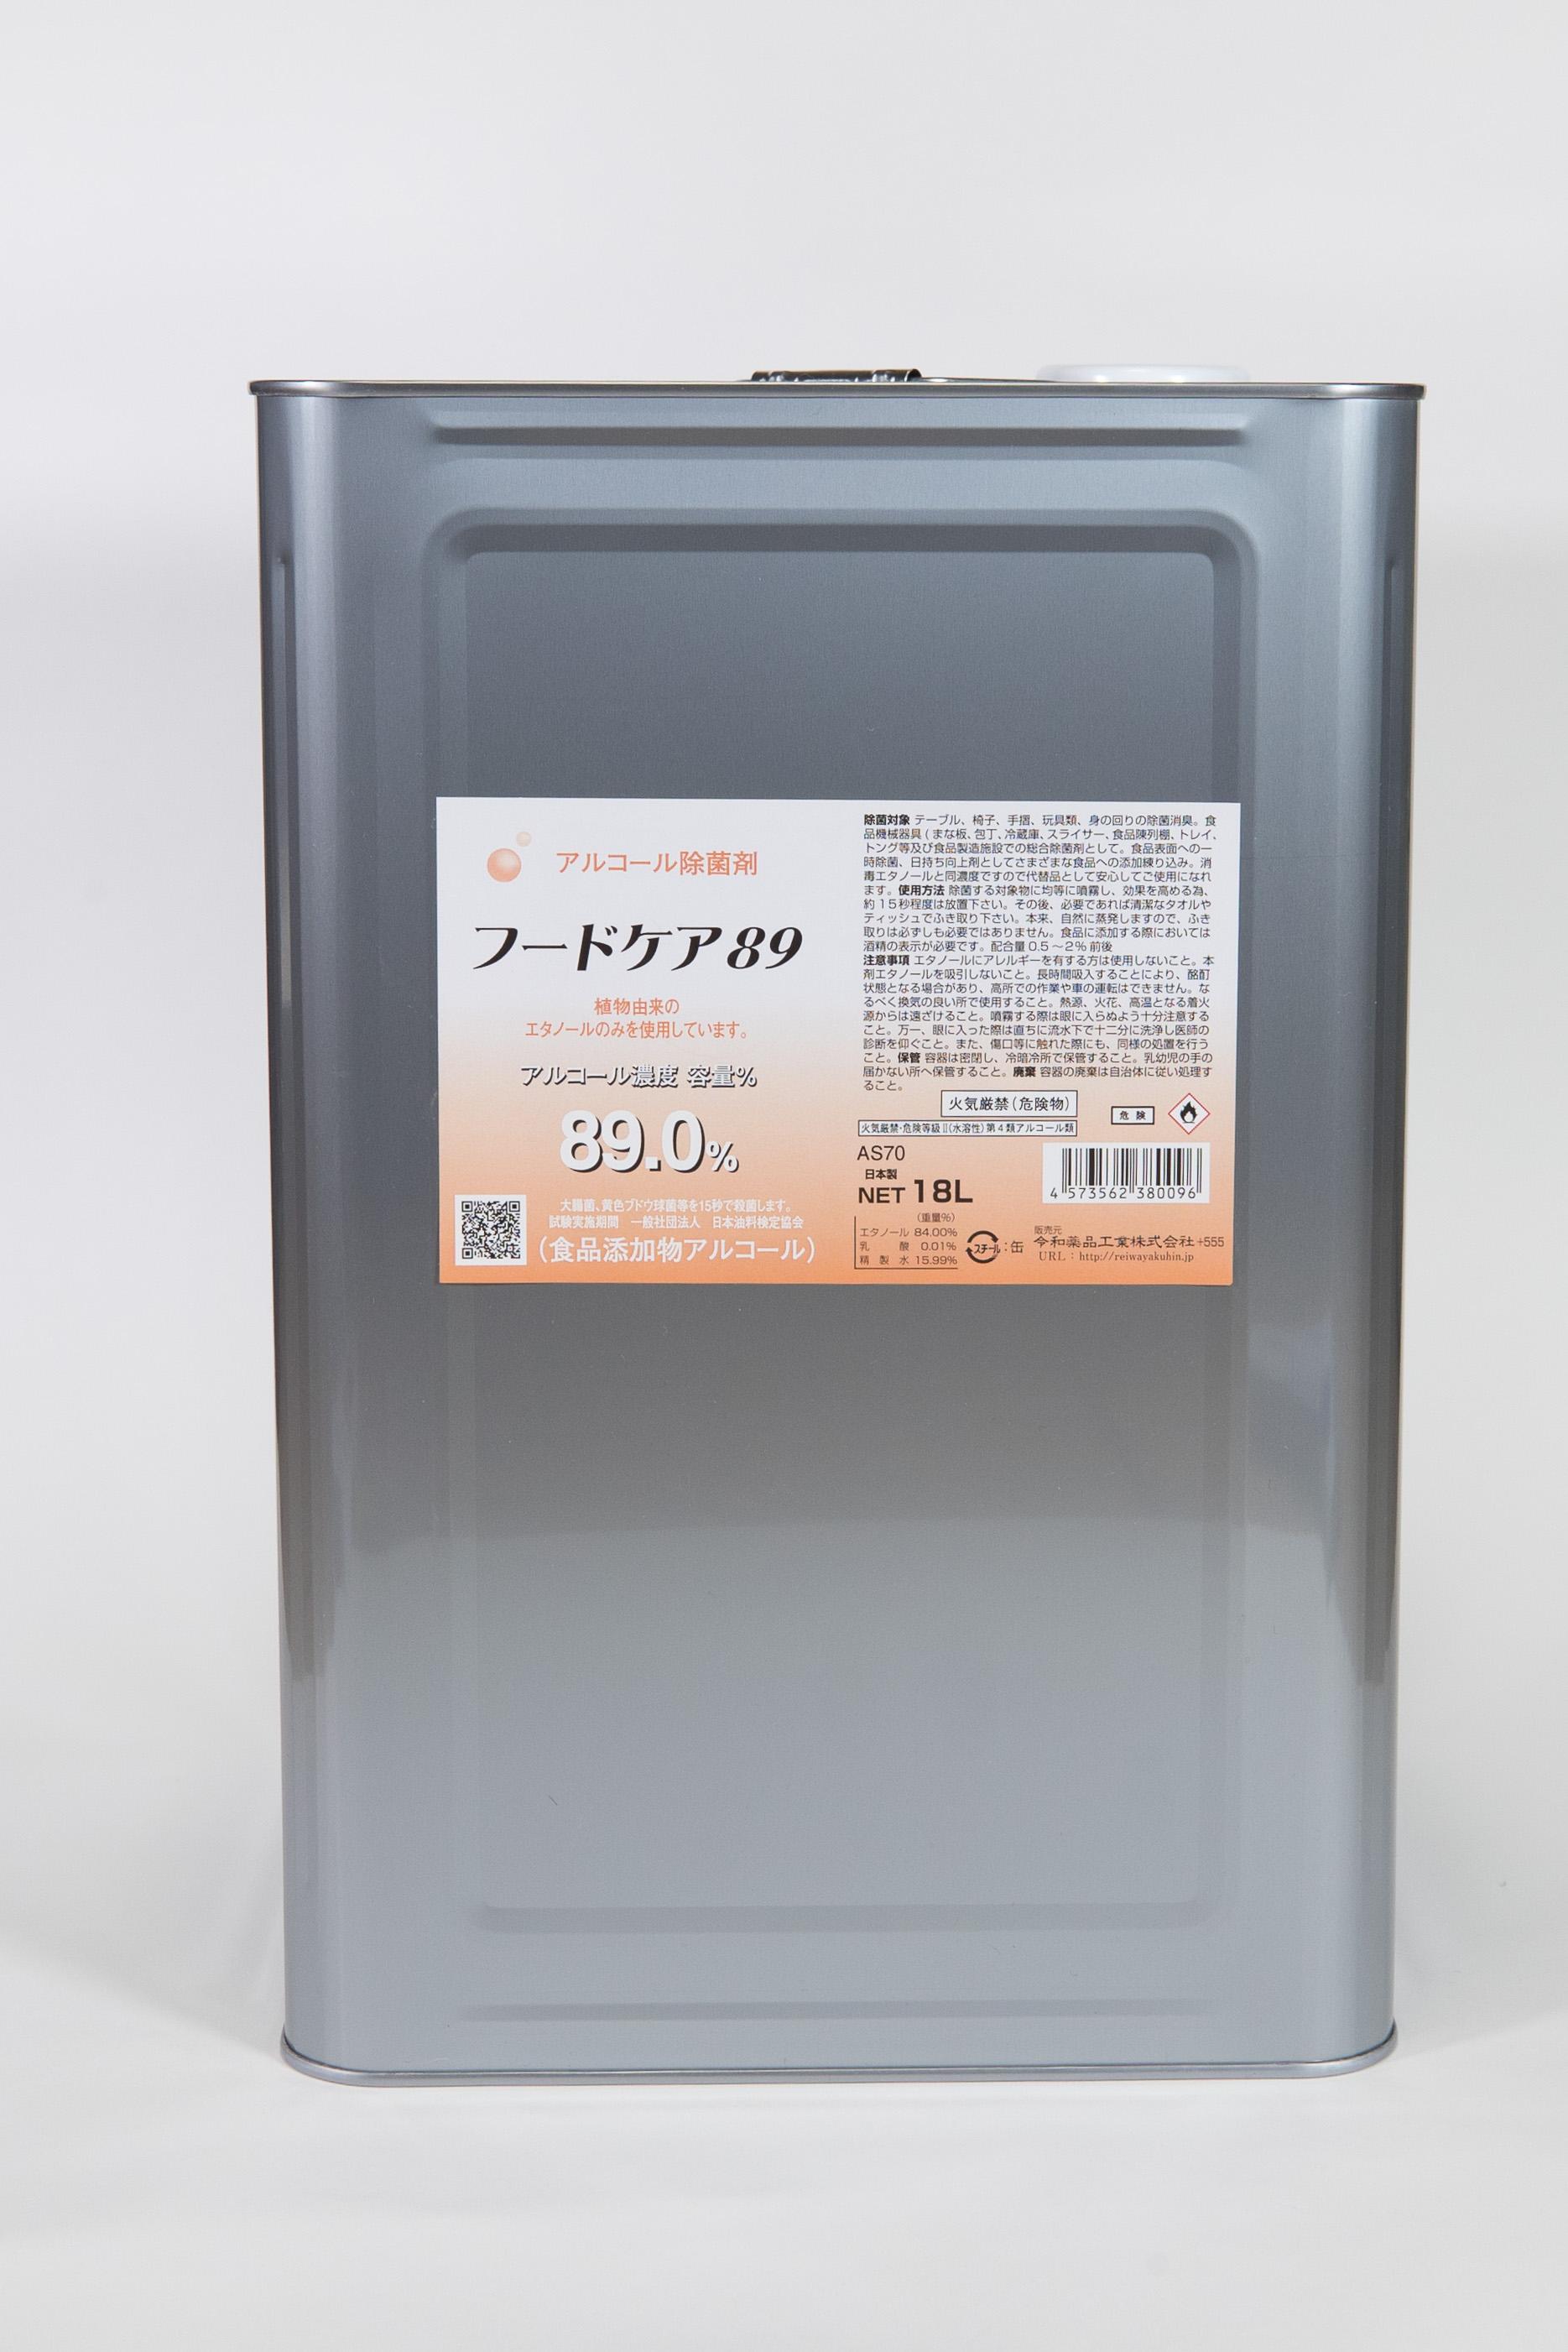 フードケア89% 18L一斗缶 (エタノール89%)画像